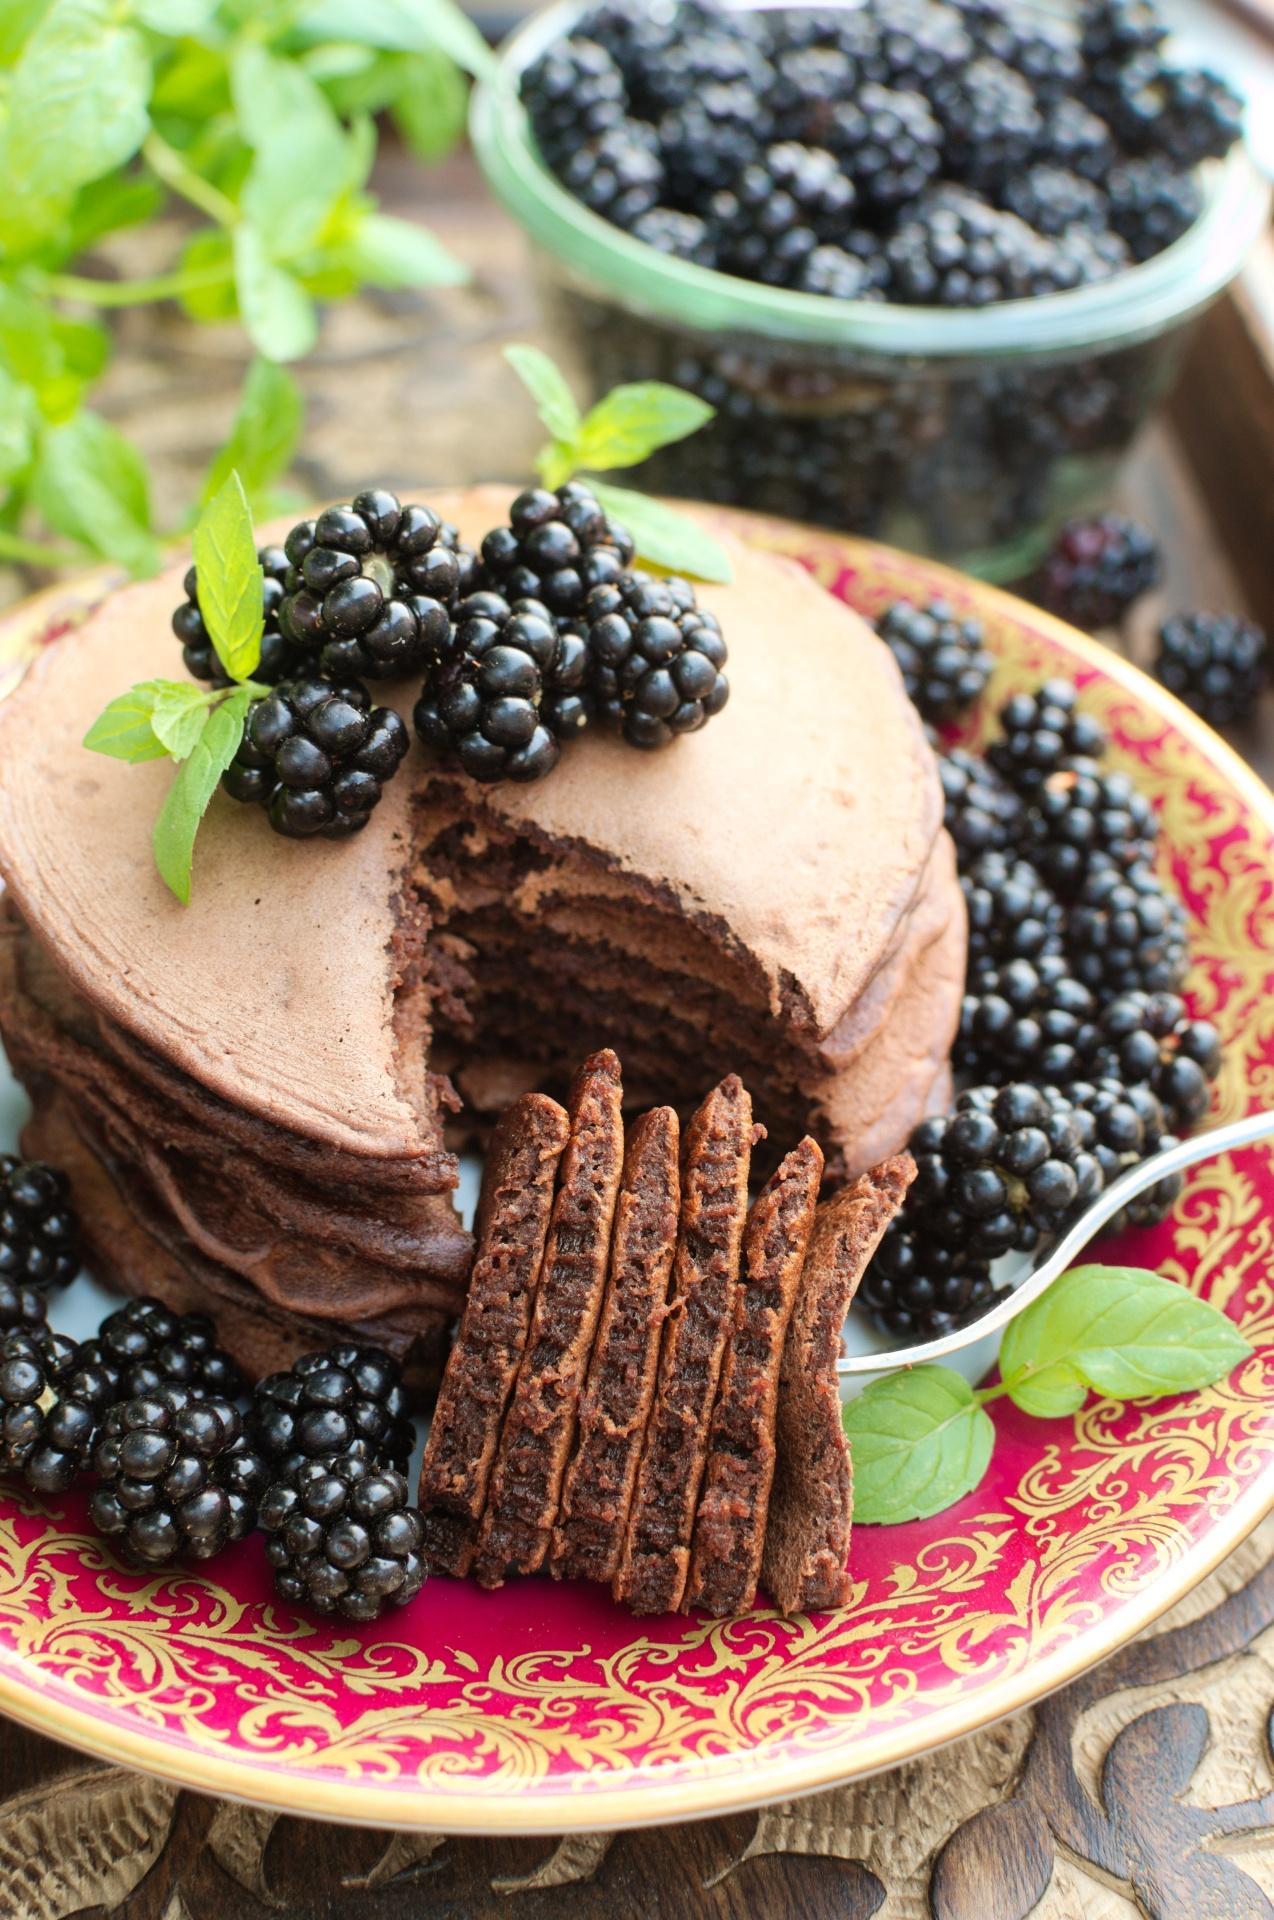 Czekoladowe placuszki (chocolate pancakes)